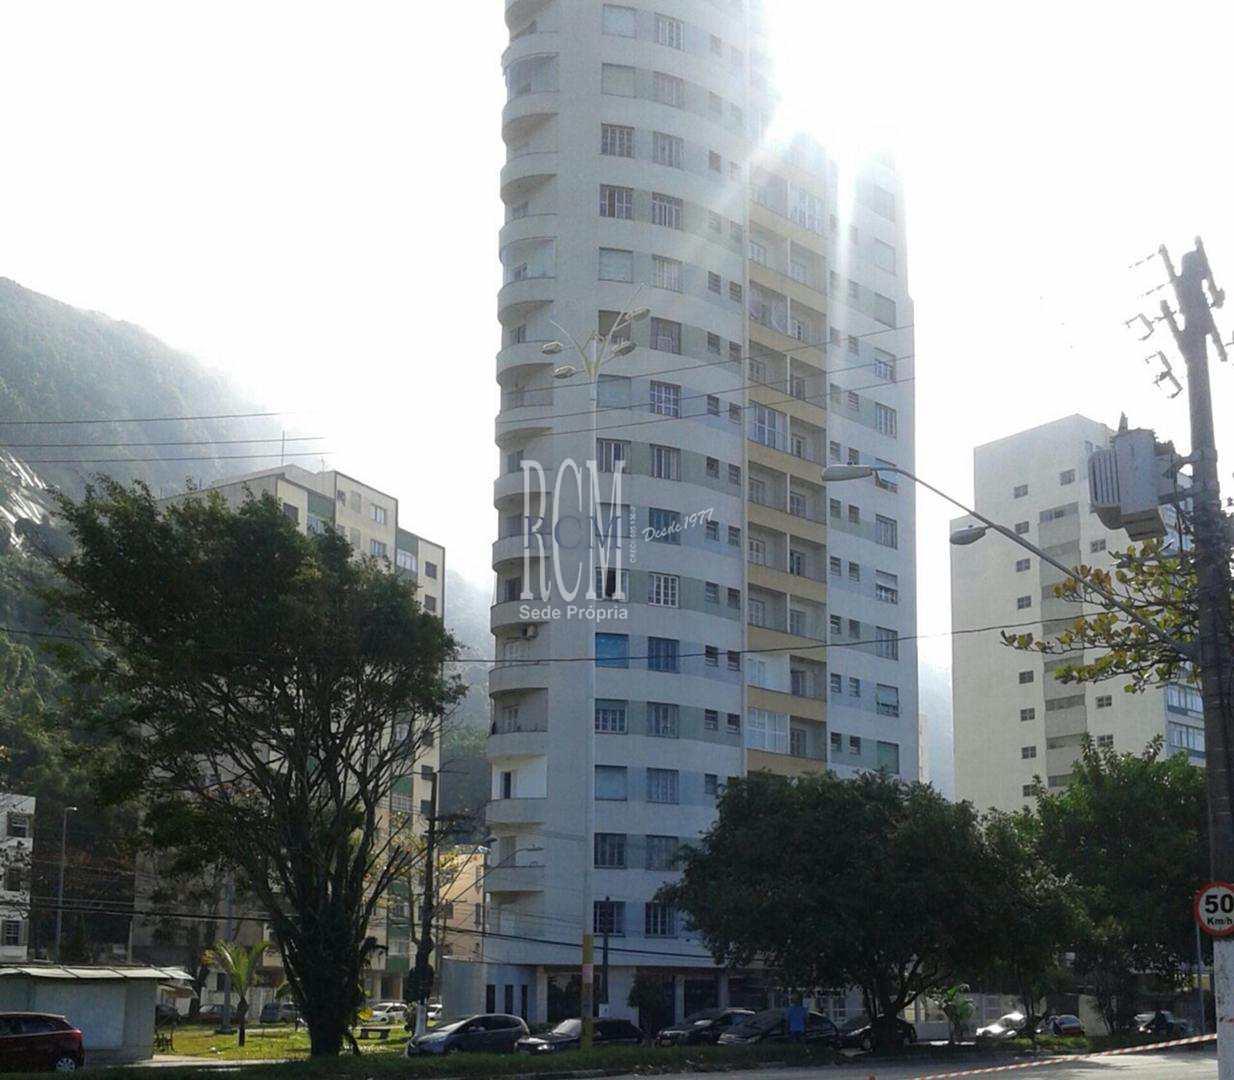 Kitnet com 1 dorm, Itararé, São Vicente - R$ 130 mil, Cod: 91409